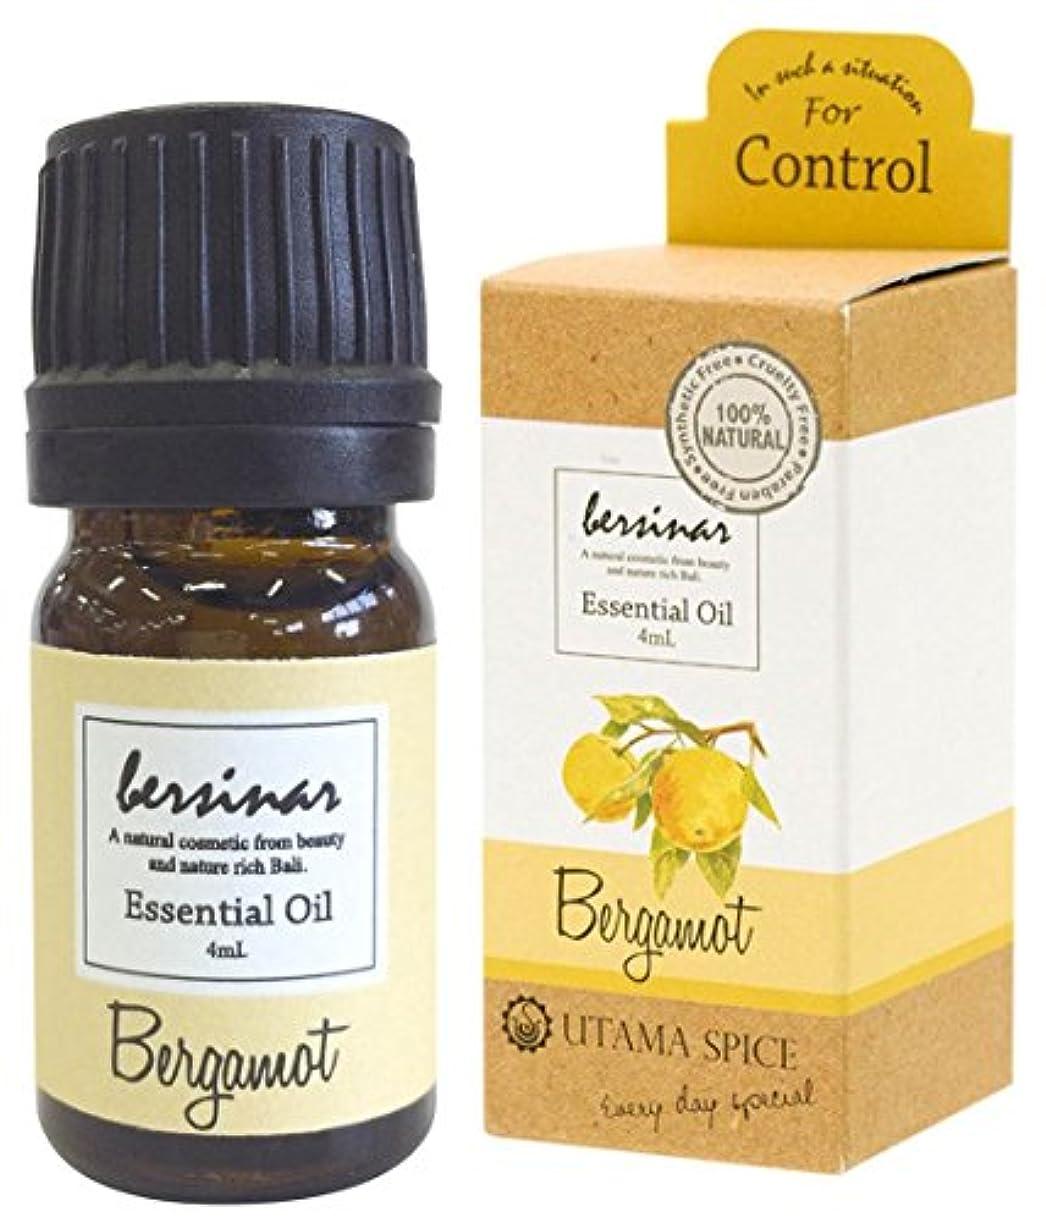 言い直す壊す再生可能ウタマスパイス アロマオイル ベルシナル ベルガモットの香り 4ml OE-UTO-1-6